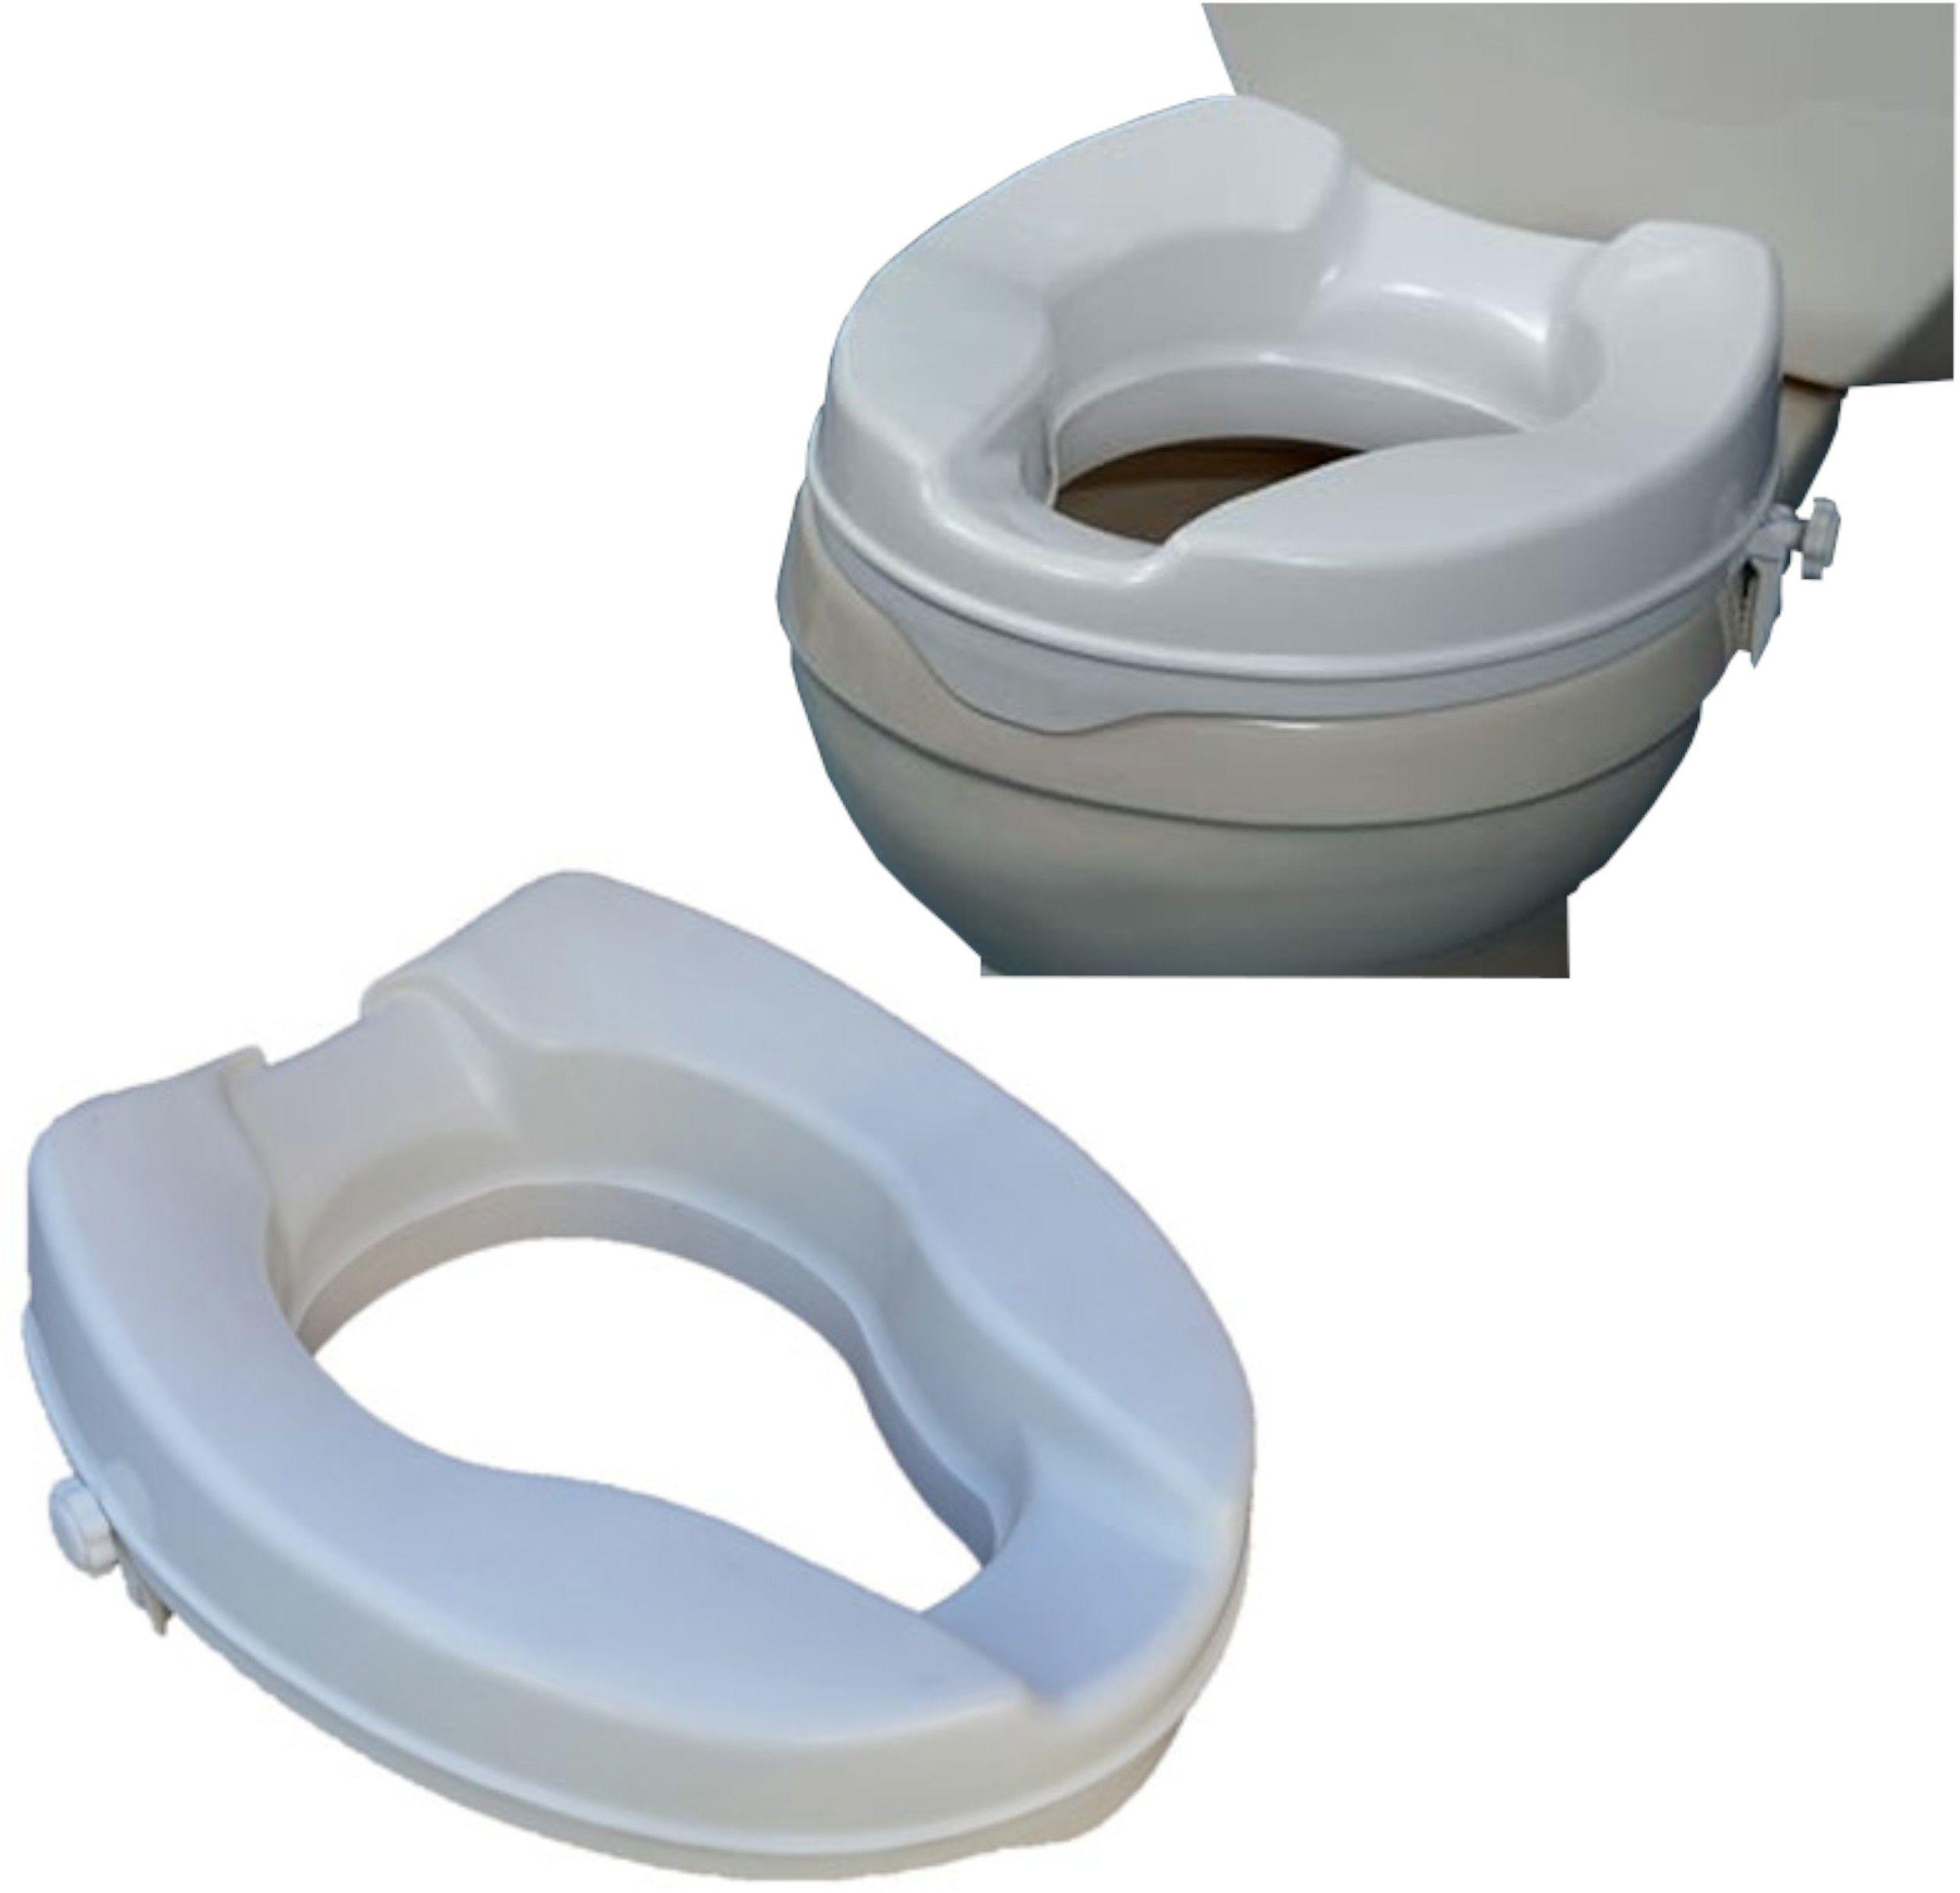 Nasadka podwyższająca sedes - nakładka toaletowa